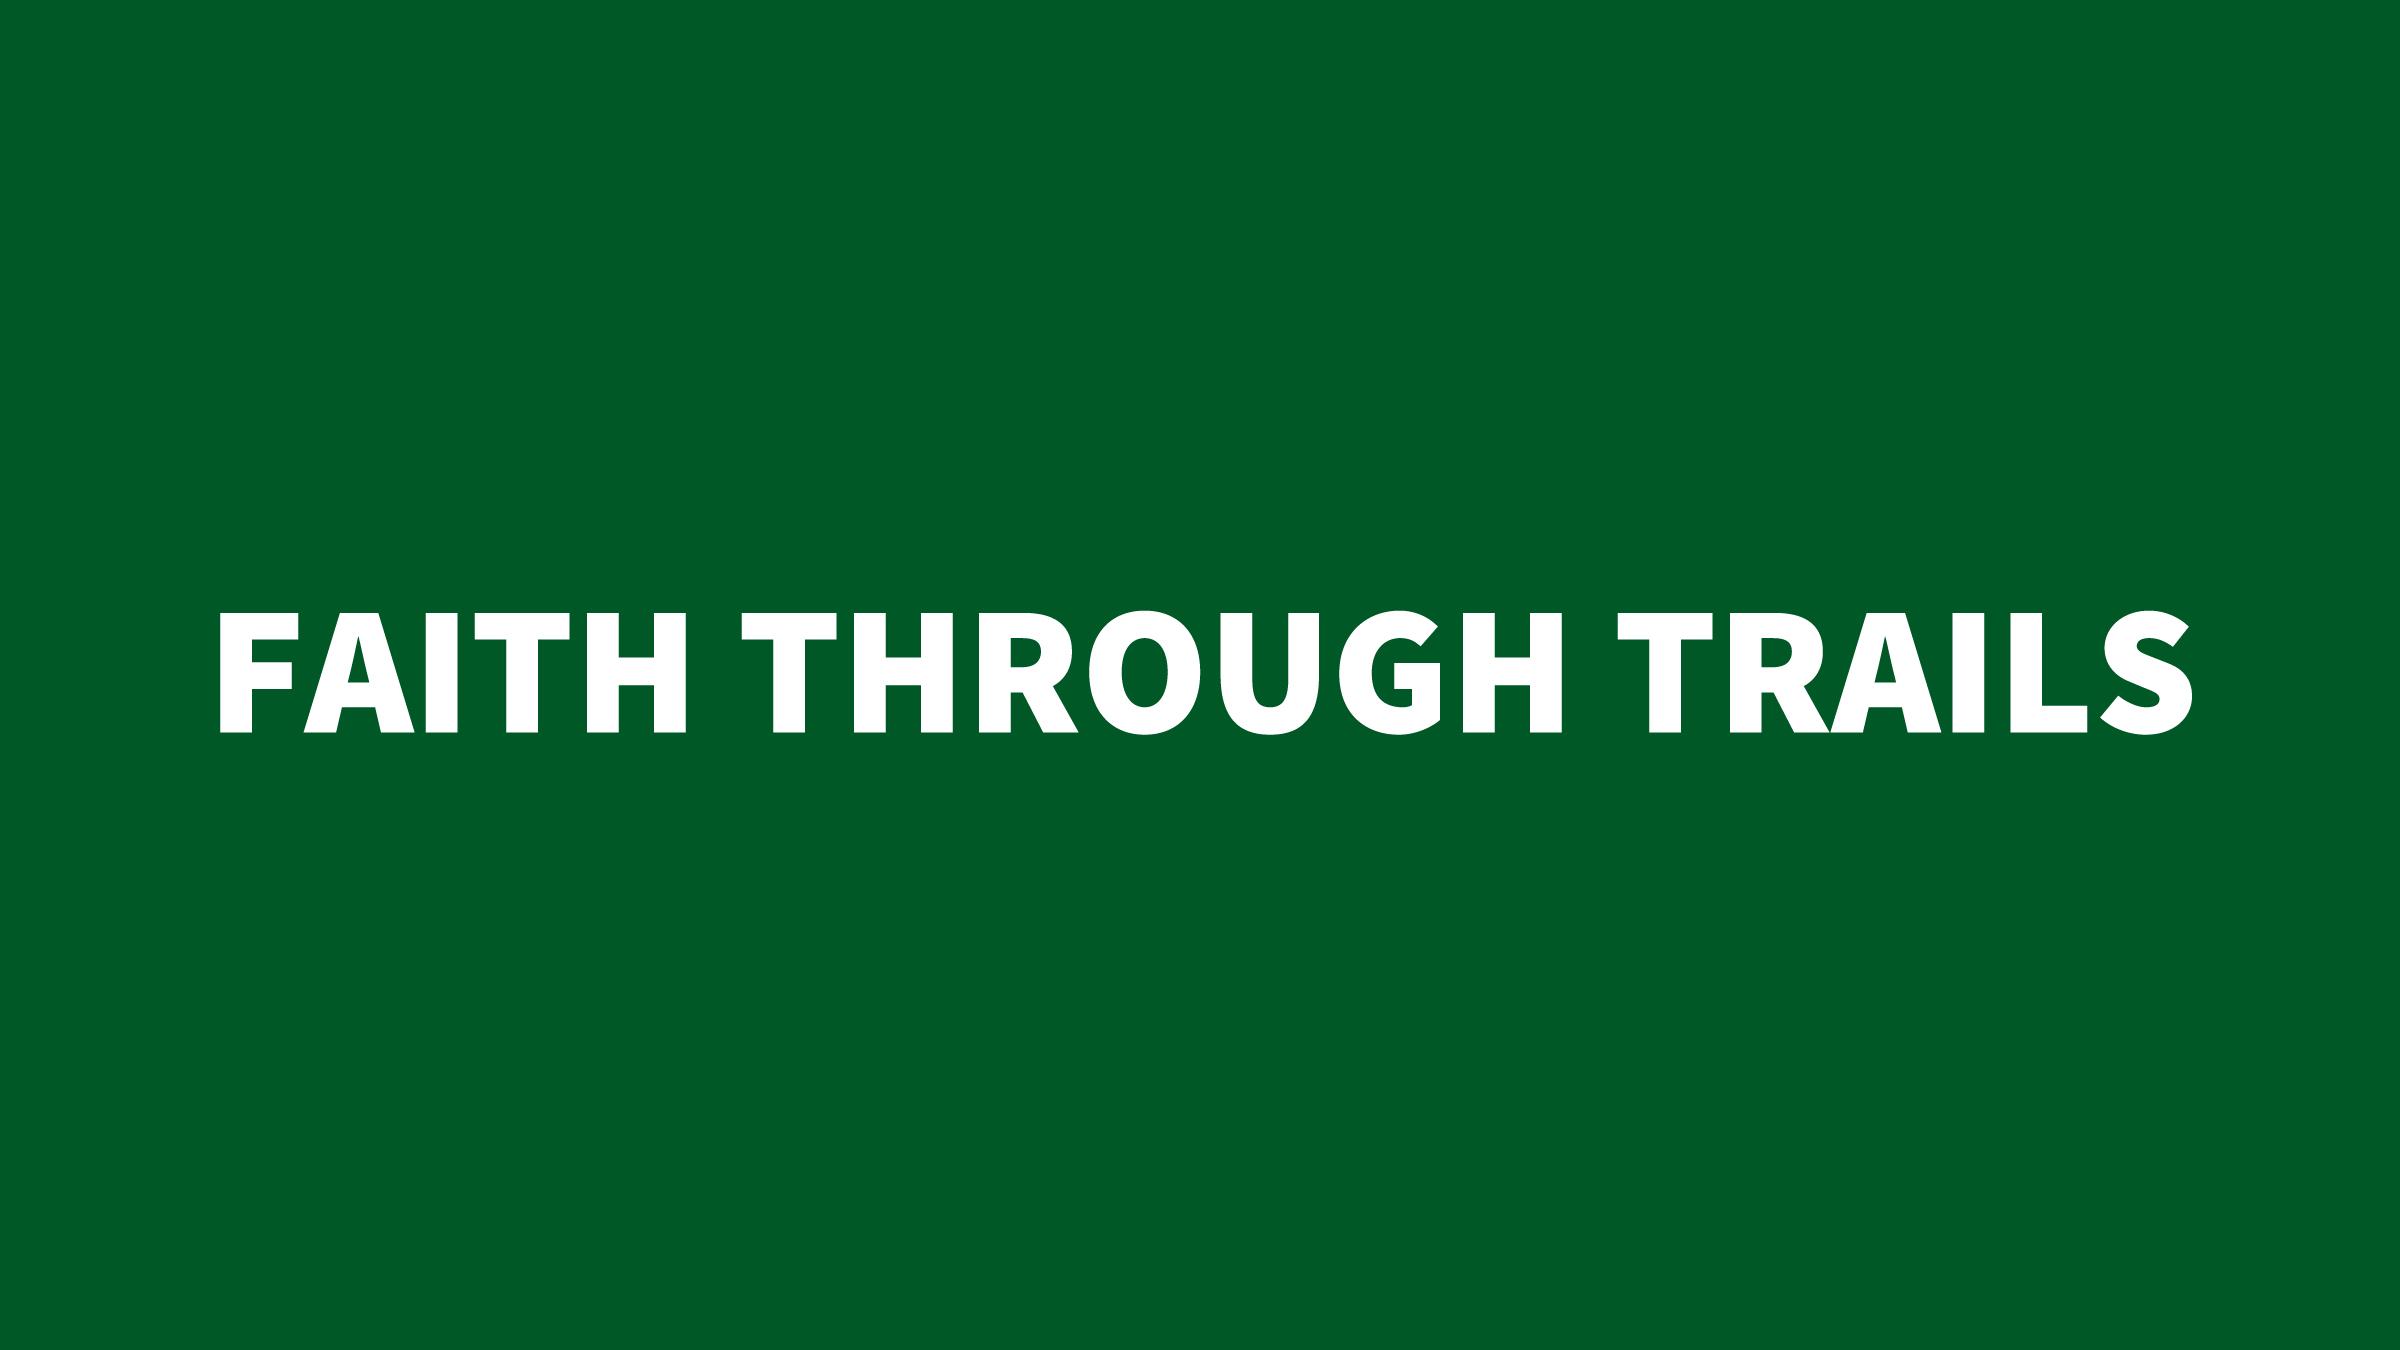 James 1 - Faith Through Trails (green).jpg